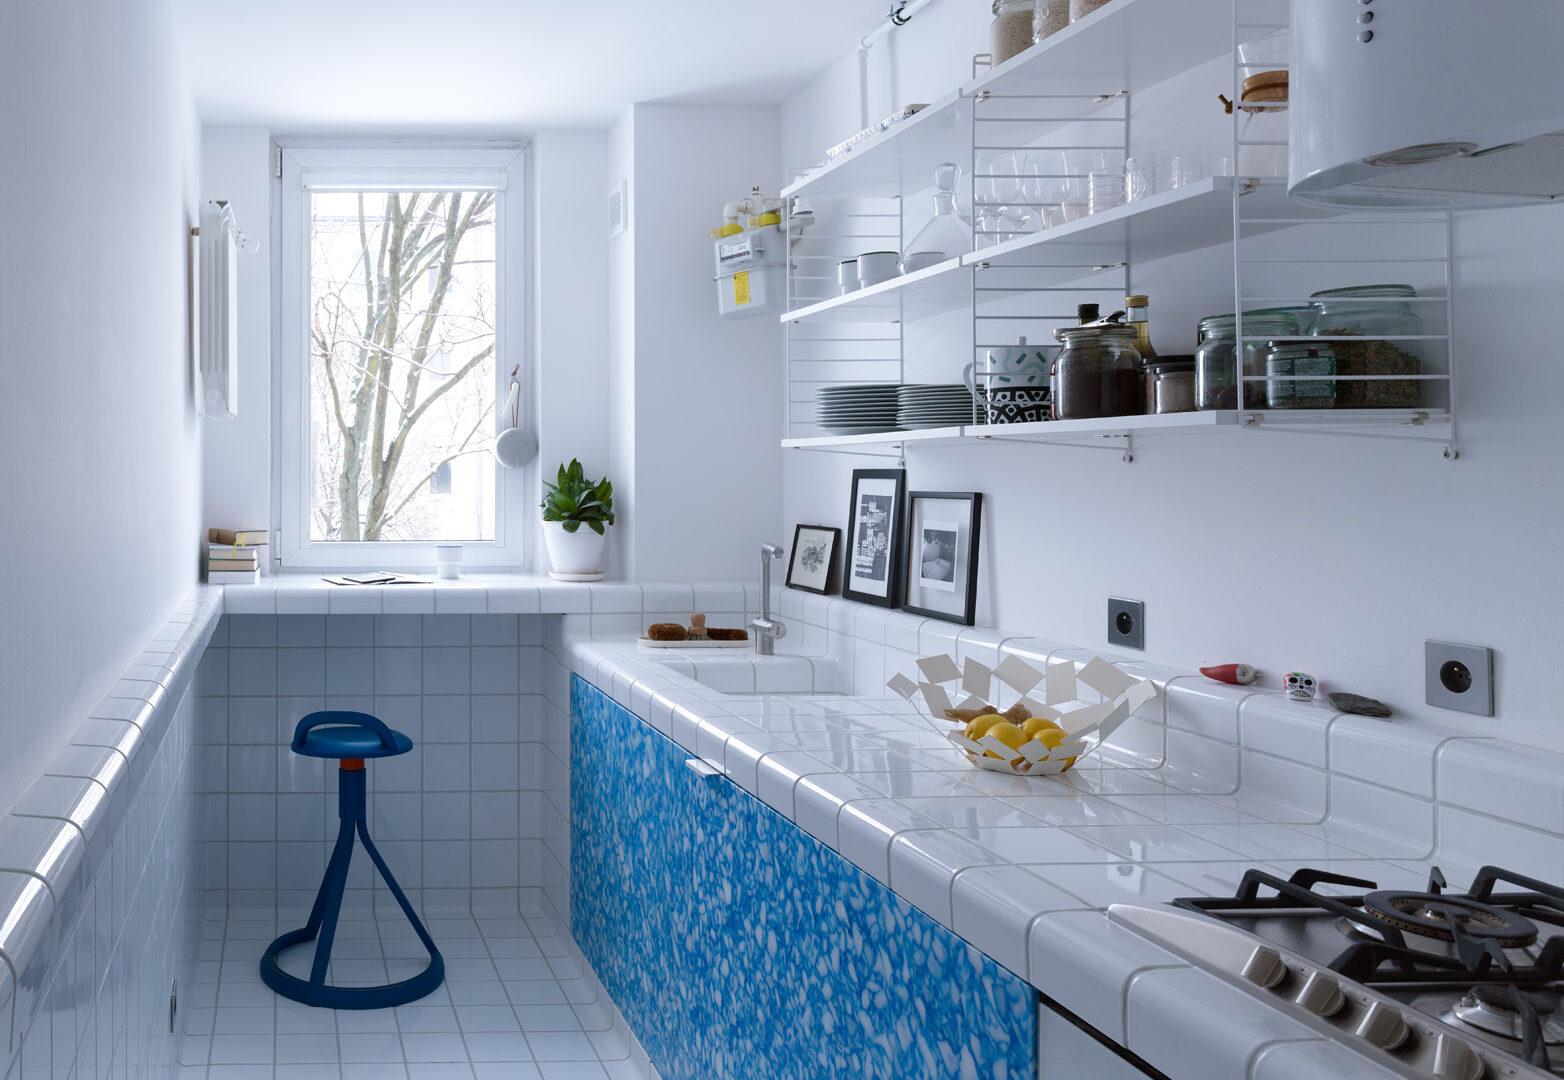 Laboratoryjny minimalizm na Mokotowie. To mieszkanie architekta